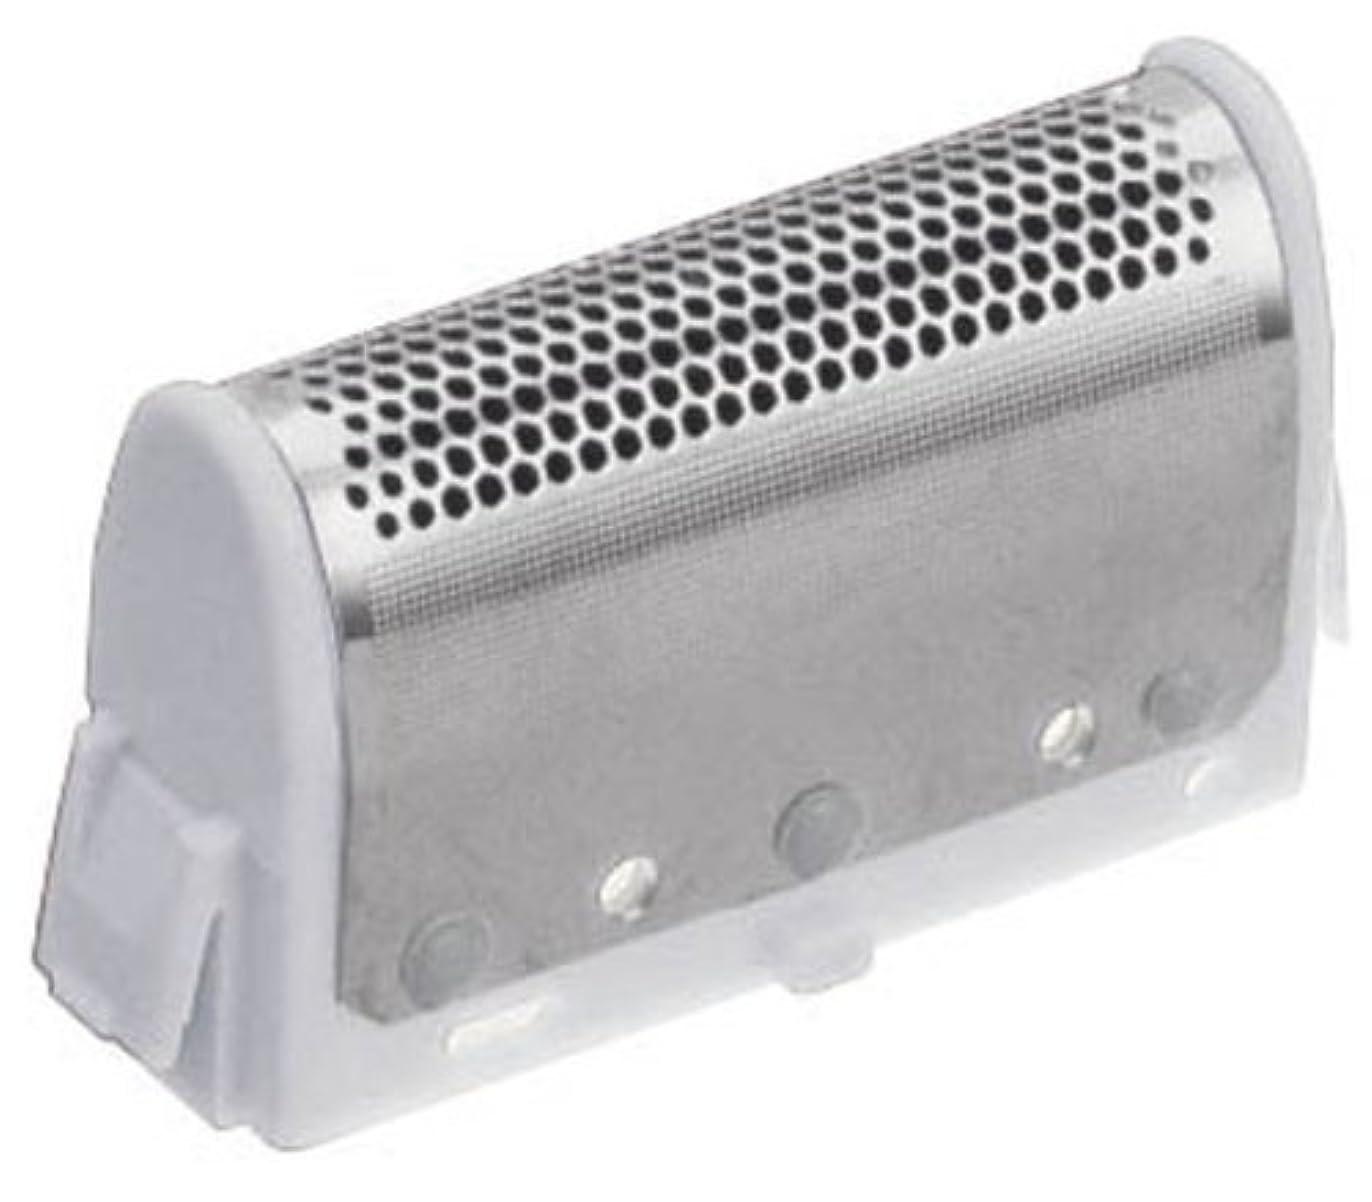 メガロポリス追加みがきますパナソニック 替刃 レディシェーバー用 ES9791